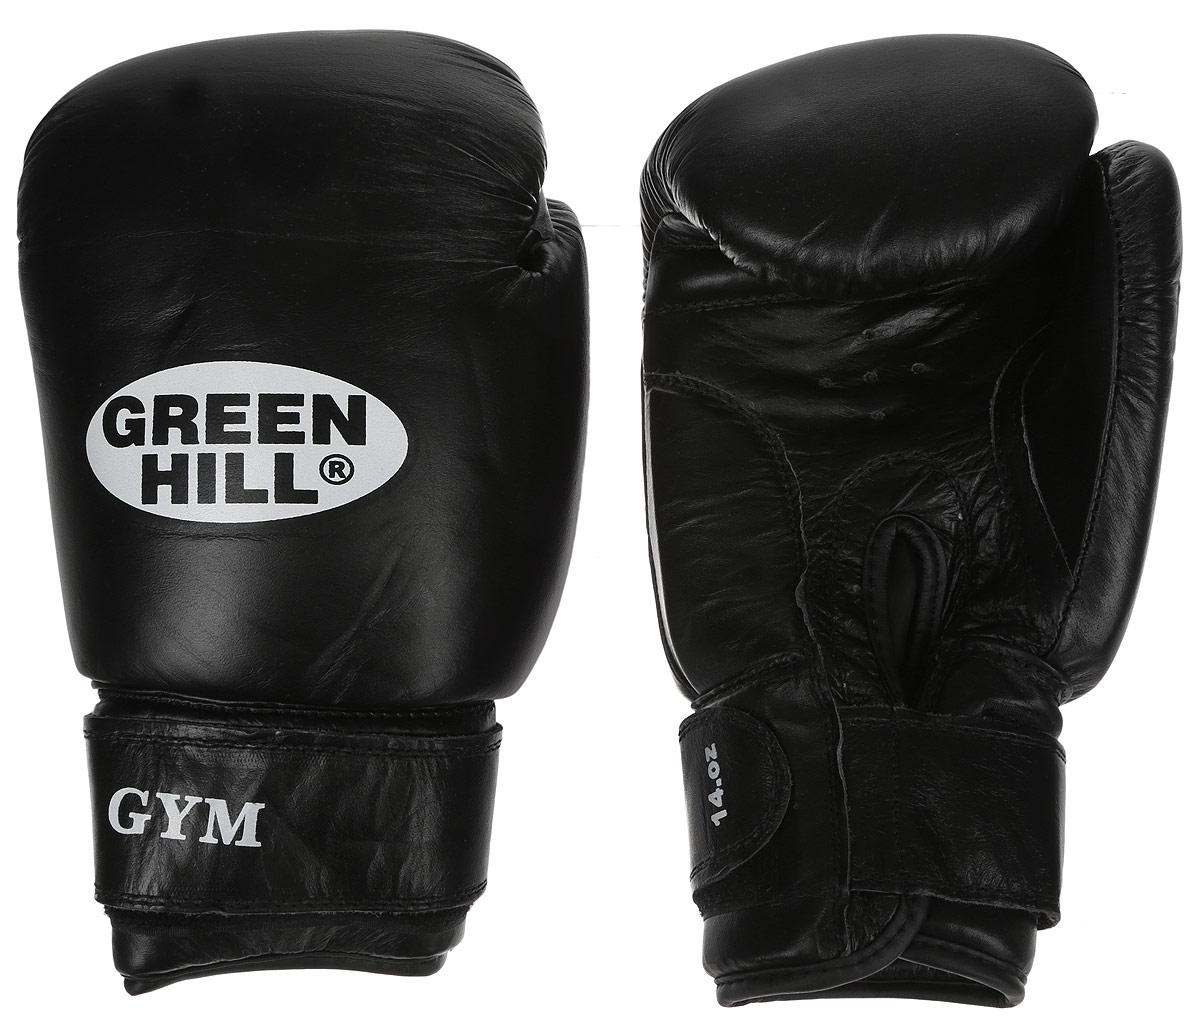 Перчатки боксерские Green Hill Gym, цвет: черный, белый. Вес 14 унцийAIRWHEEL Q3-340WH-BLACKБоксерские перчатки Green Hill Gym подходят для всех видов единоборств где применяют перчатки. Подойдет как для бокса, так и для кикбоксинга. Новички и профессионалы высоко ценят эту модель за универсальность. Верхняя часть перчатки выполнена из натуральной кожи, наполнитель - пенополиуретан. Перфорированная поверхность в области ладони позволяет создать максимально комфортный терморежим во время занятий. Закрепляется на руке при помощи липучки.